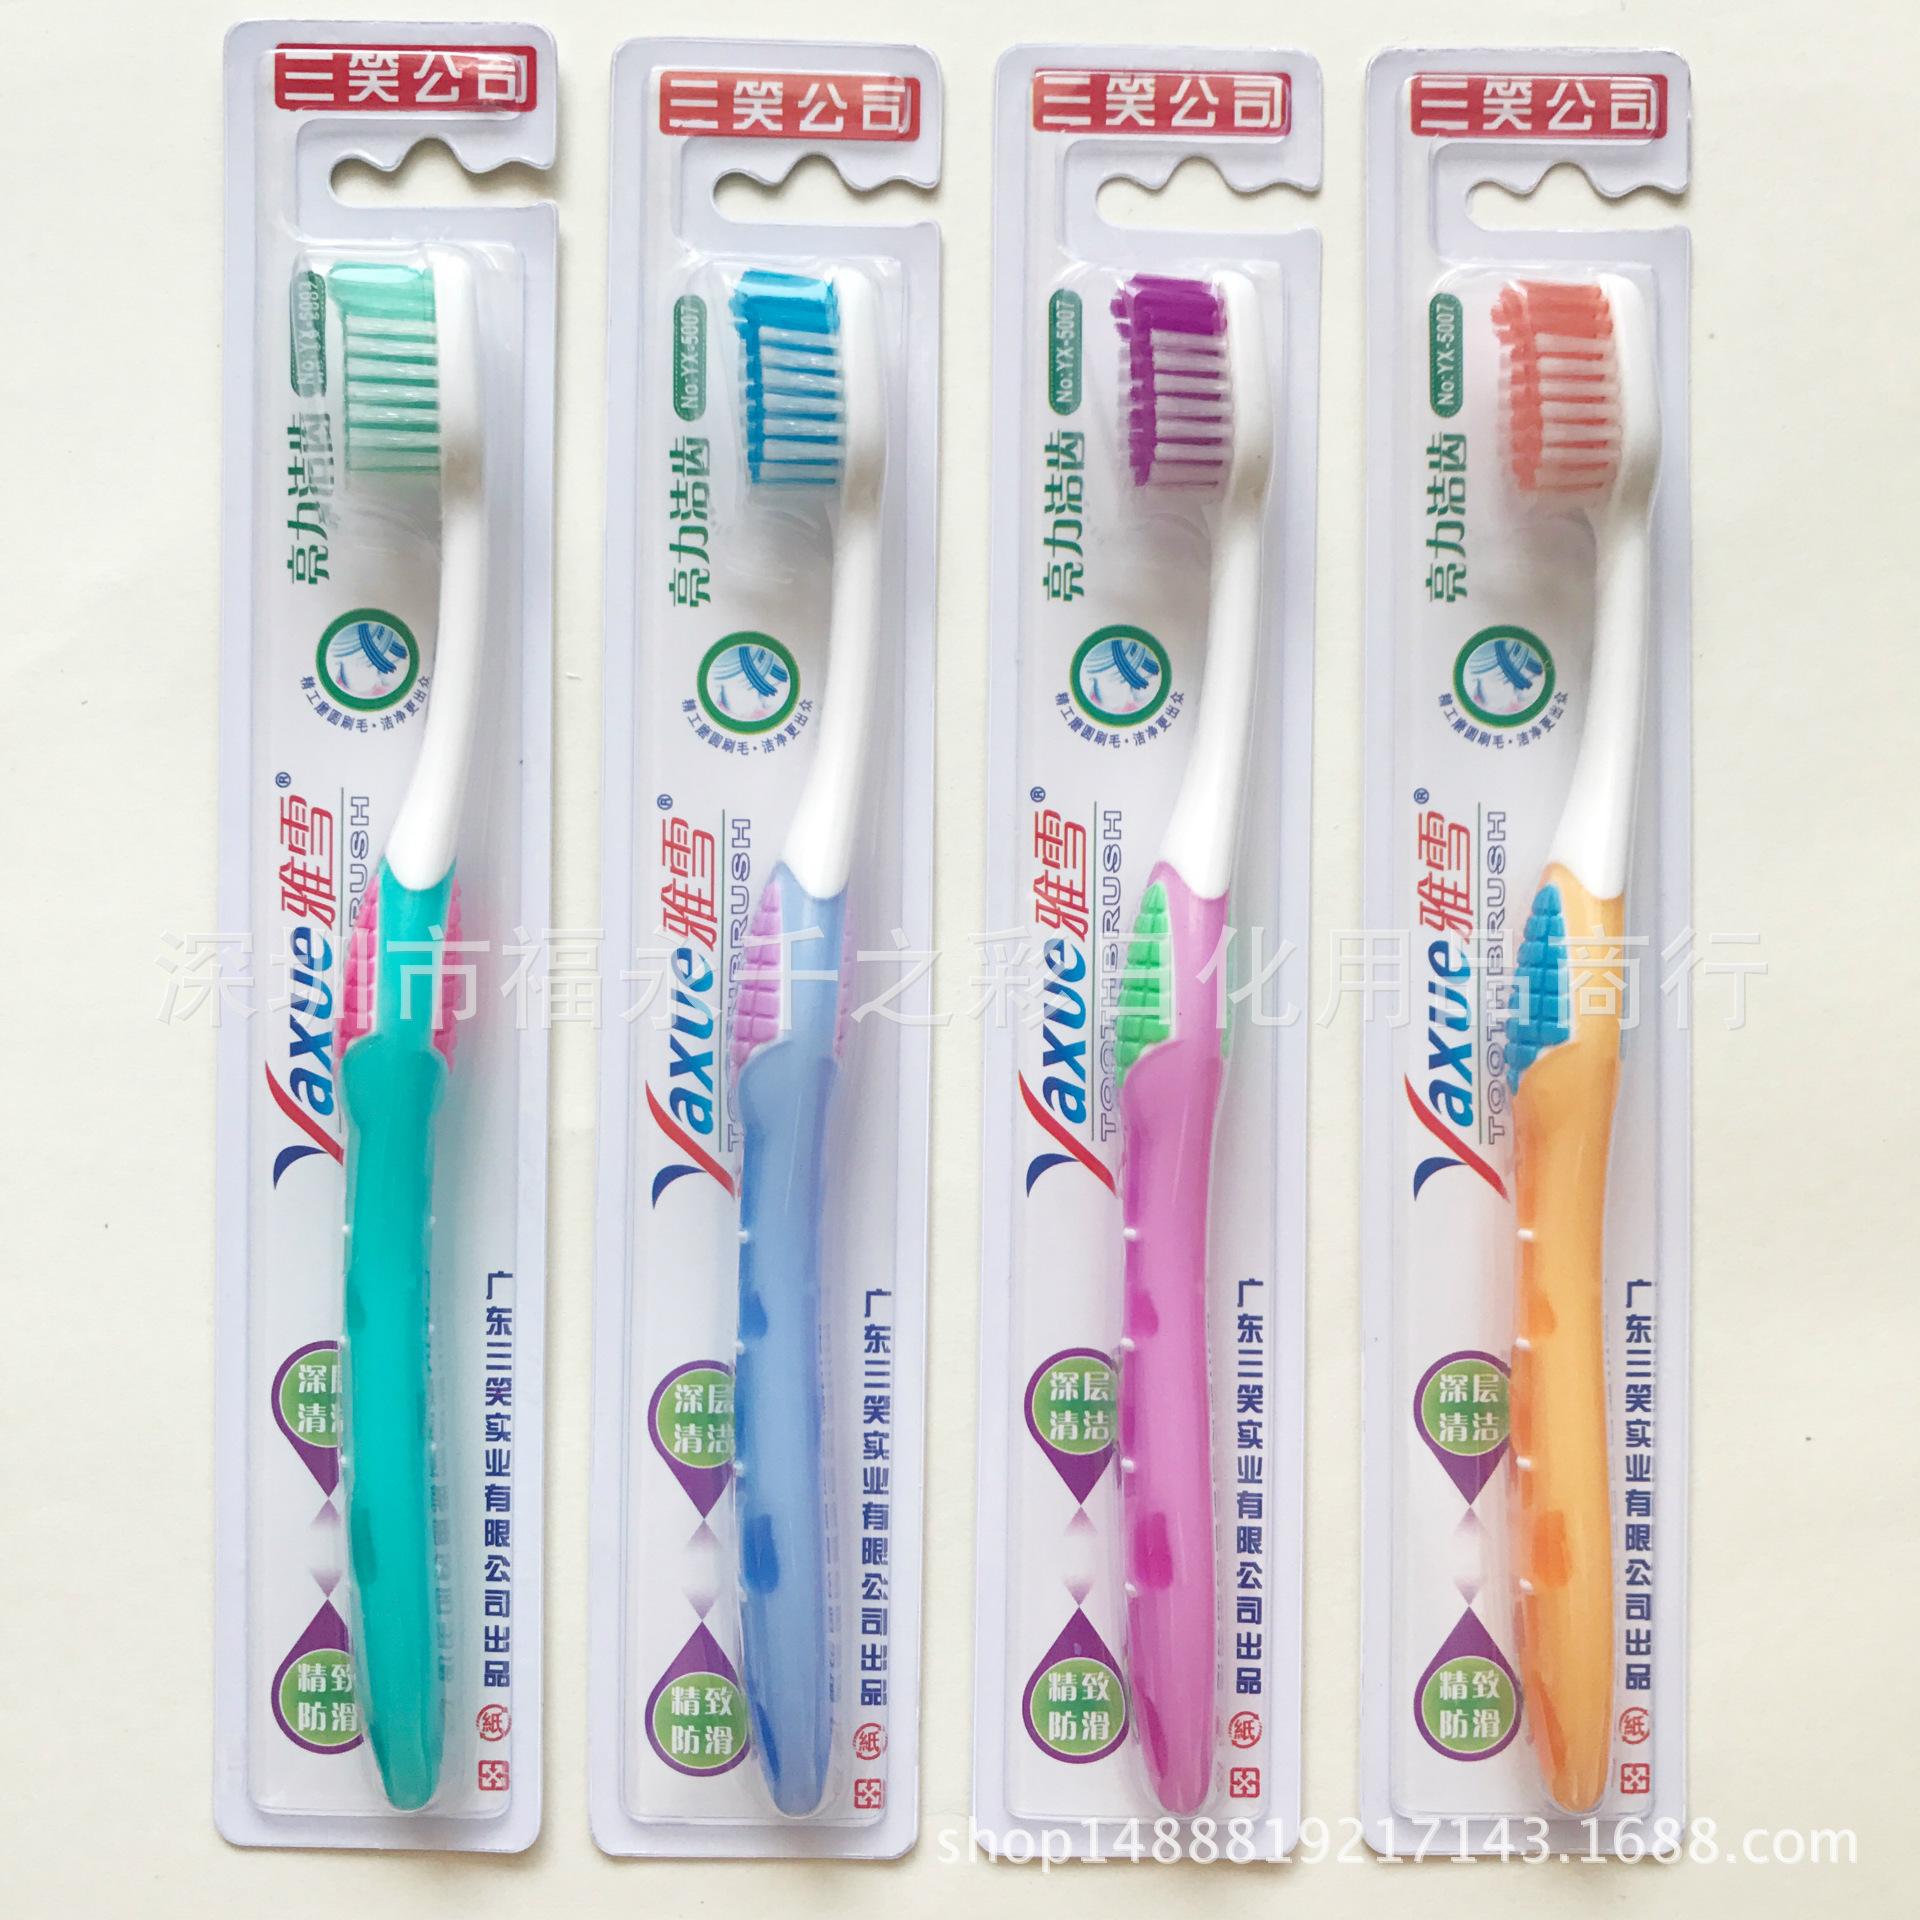 三笑雅雪牙刷 型号5007 成人中毛小刷头牙刷 家庭装